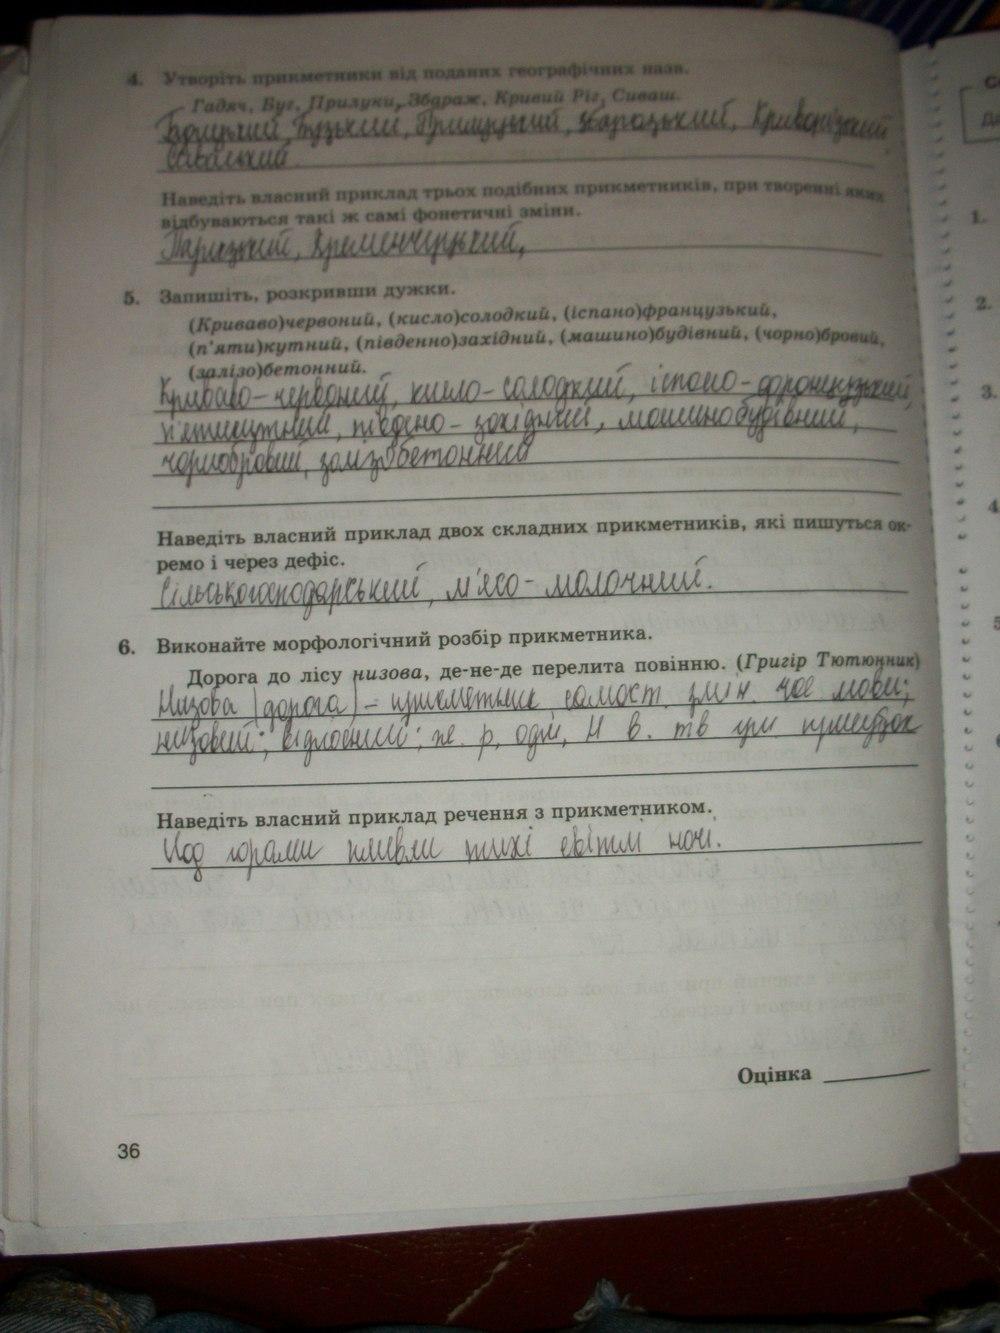 ГДЗ відповіді робочий зошит по рiдна/укр. мова 6 класс Жовтобрюх В.Ф.. Задание: стр. 36